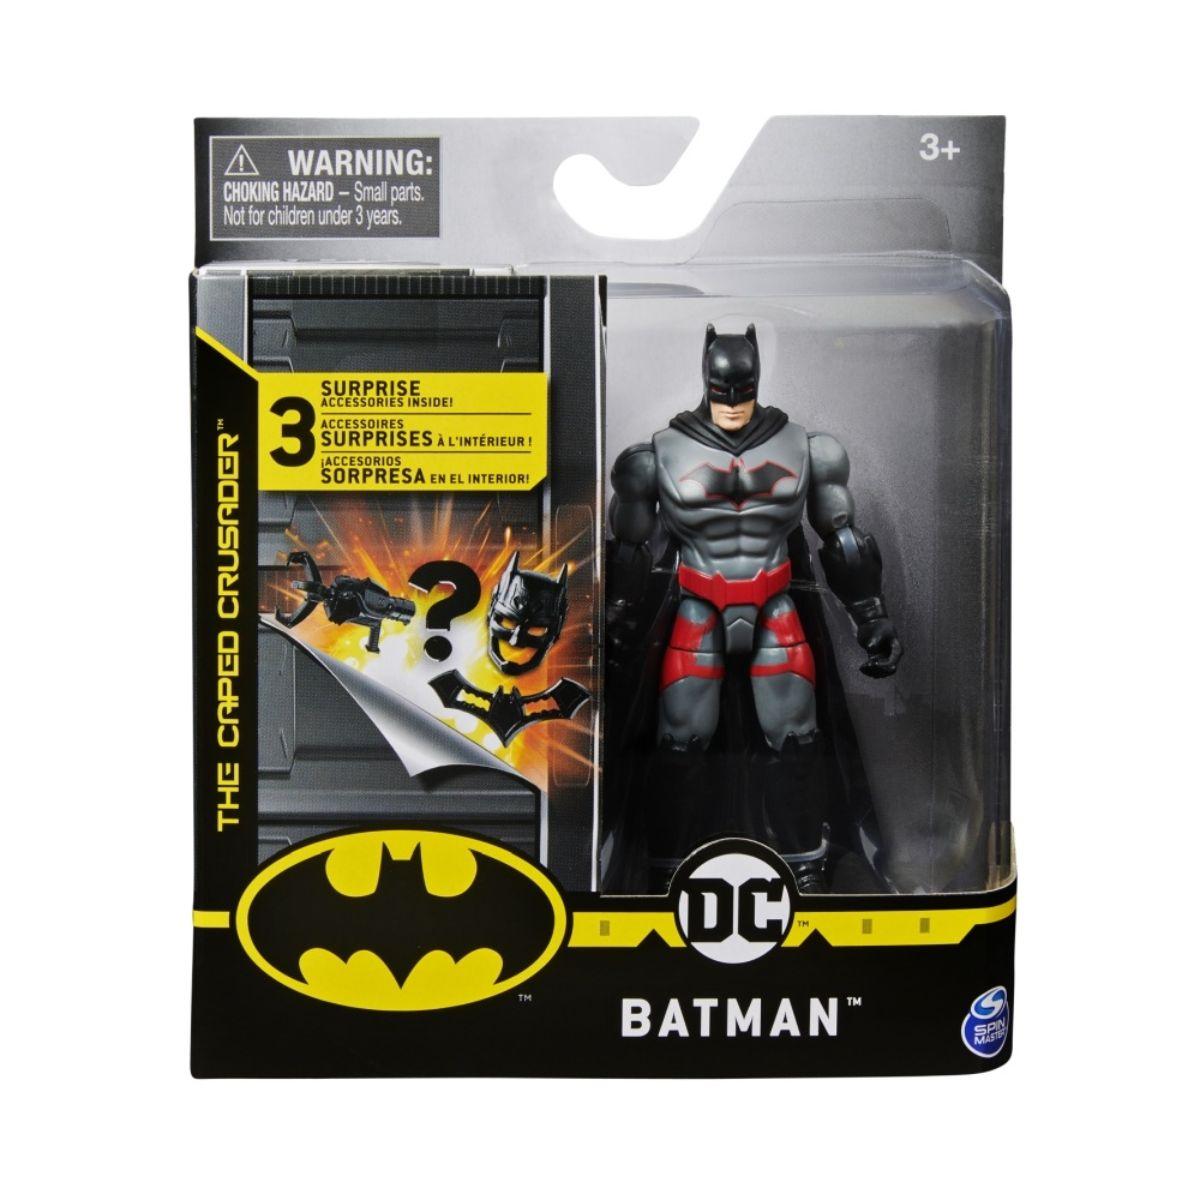 Set Figurina cu accesorii surpriza Batman, 20125779